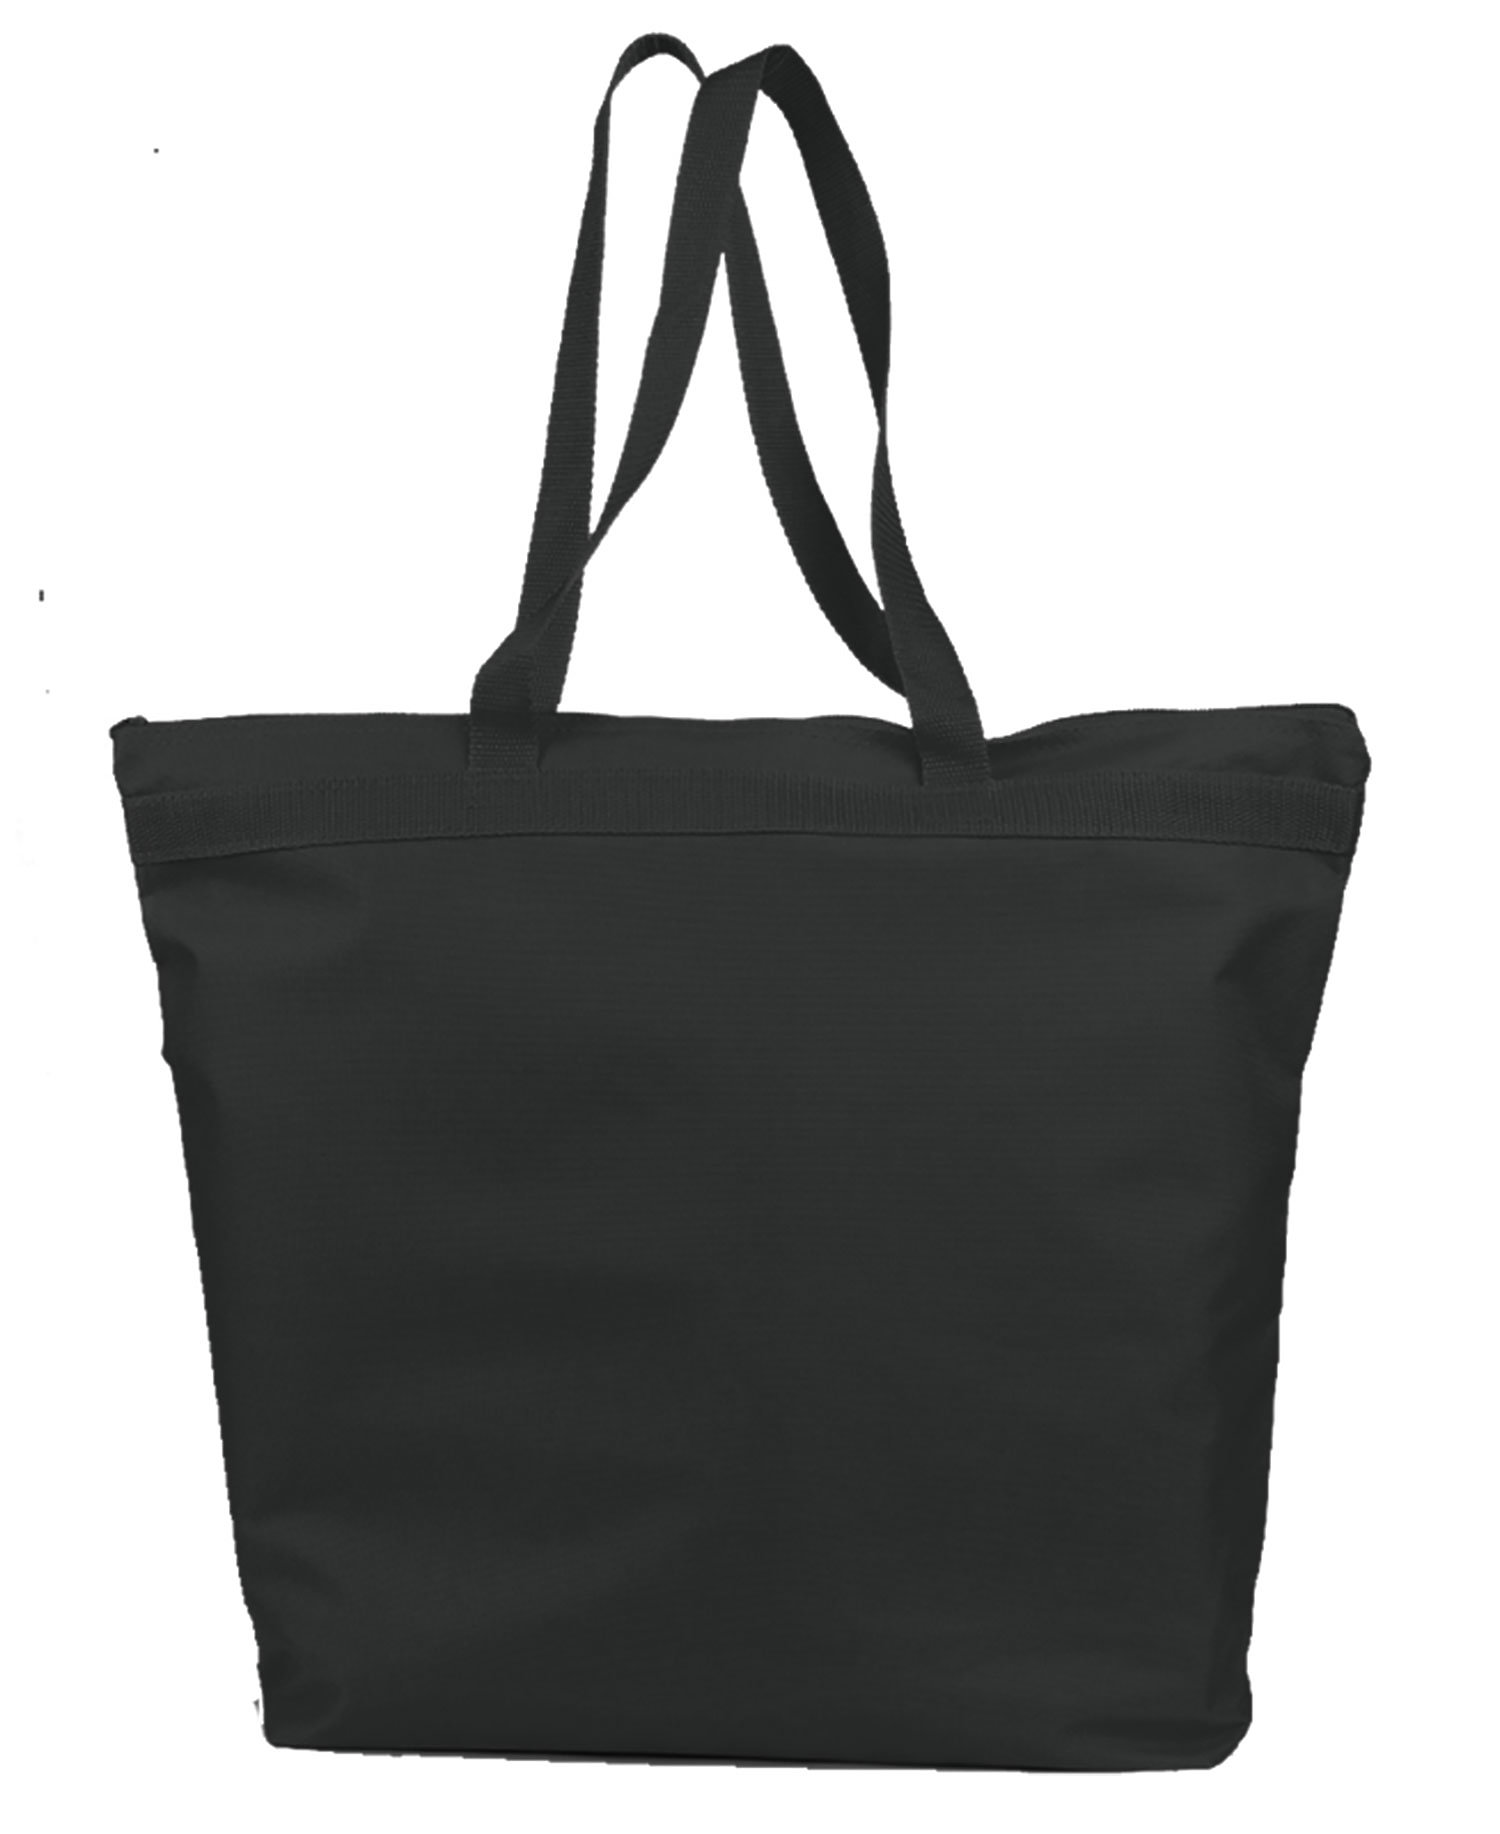 Q-Tees Q91221 - Deluxe Zipper Tote Bag